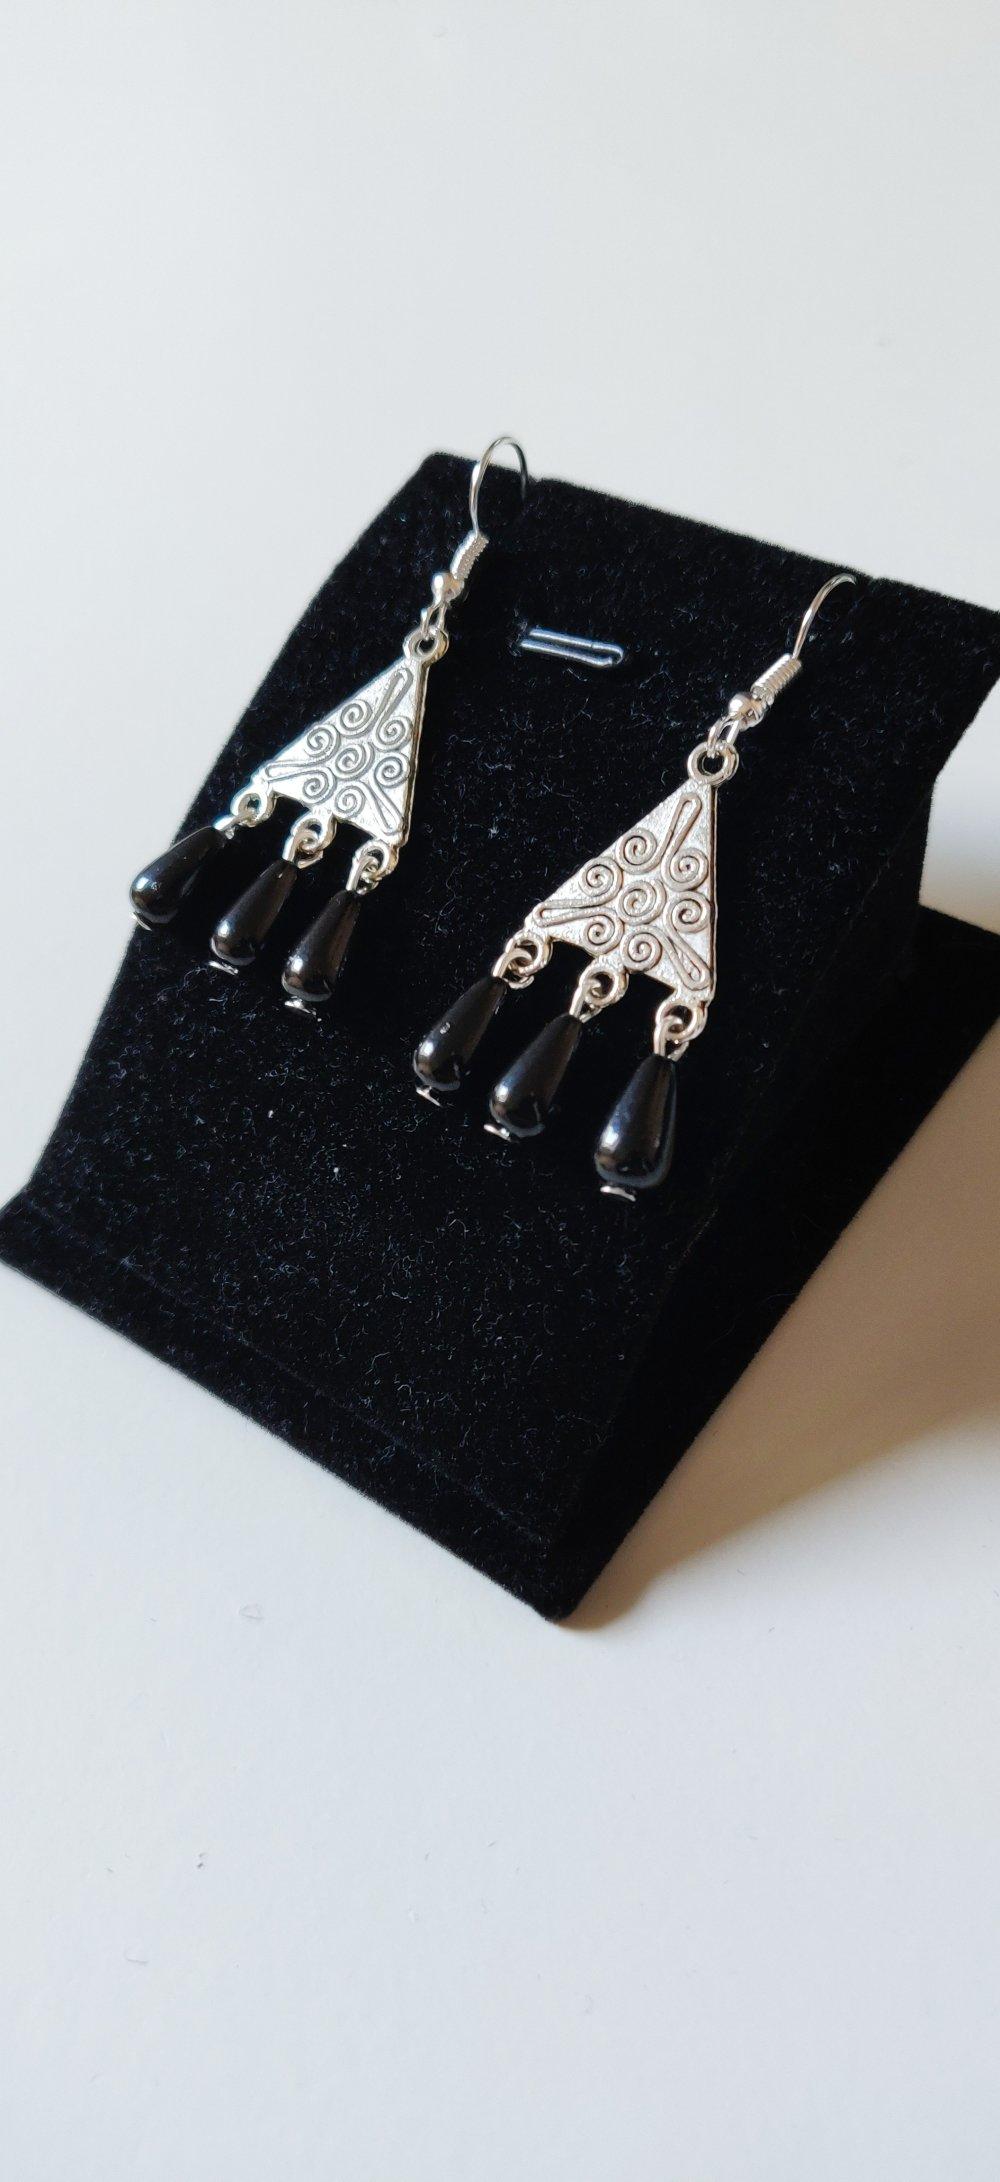 Boucles d'oreilles vintage maya argenté noire idée cadeau cadeau Miss Perles